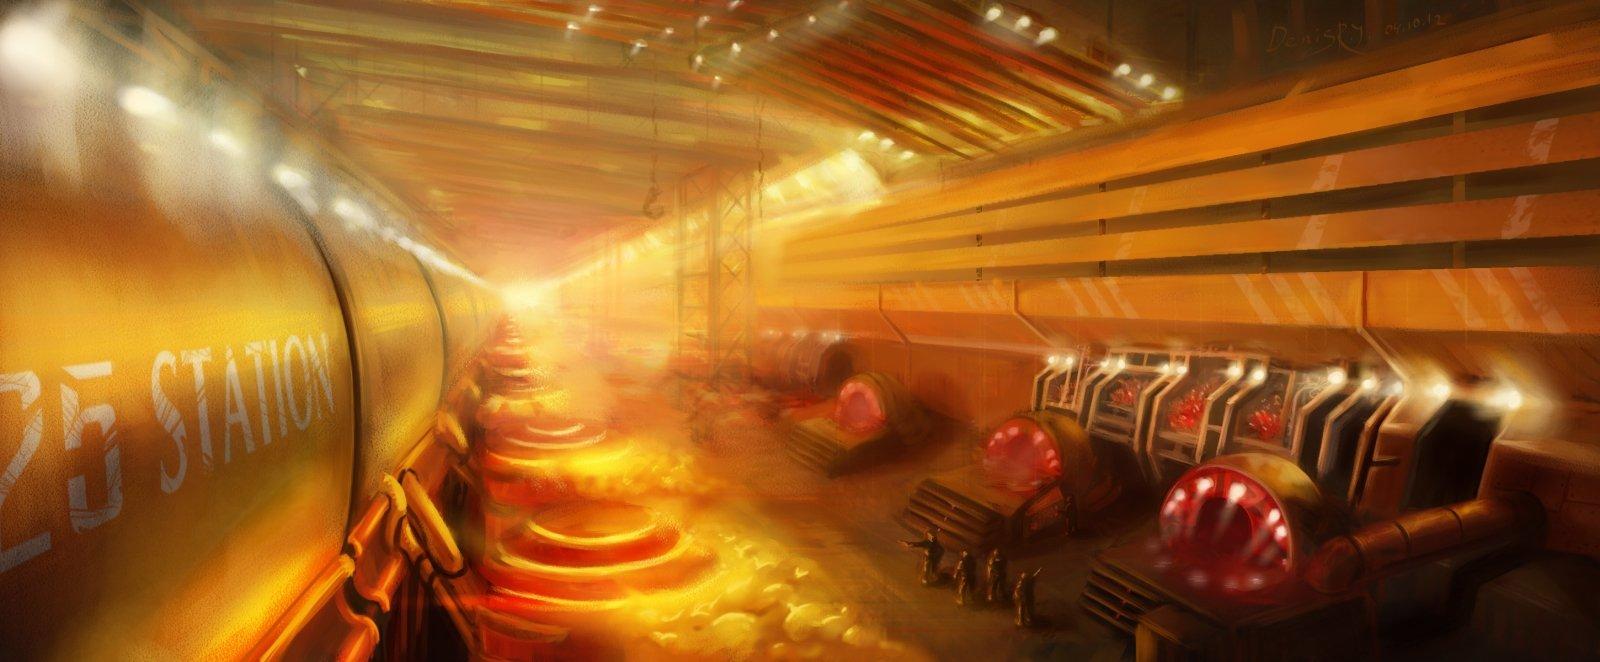 Одна из перевалочных баз Легиона Дара - станция 25. На ней обычно происходят реорганизация войск и получение новой т ... - Изображение 1